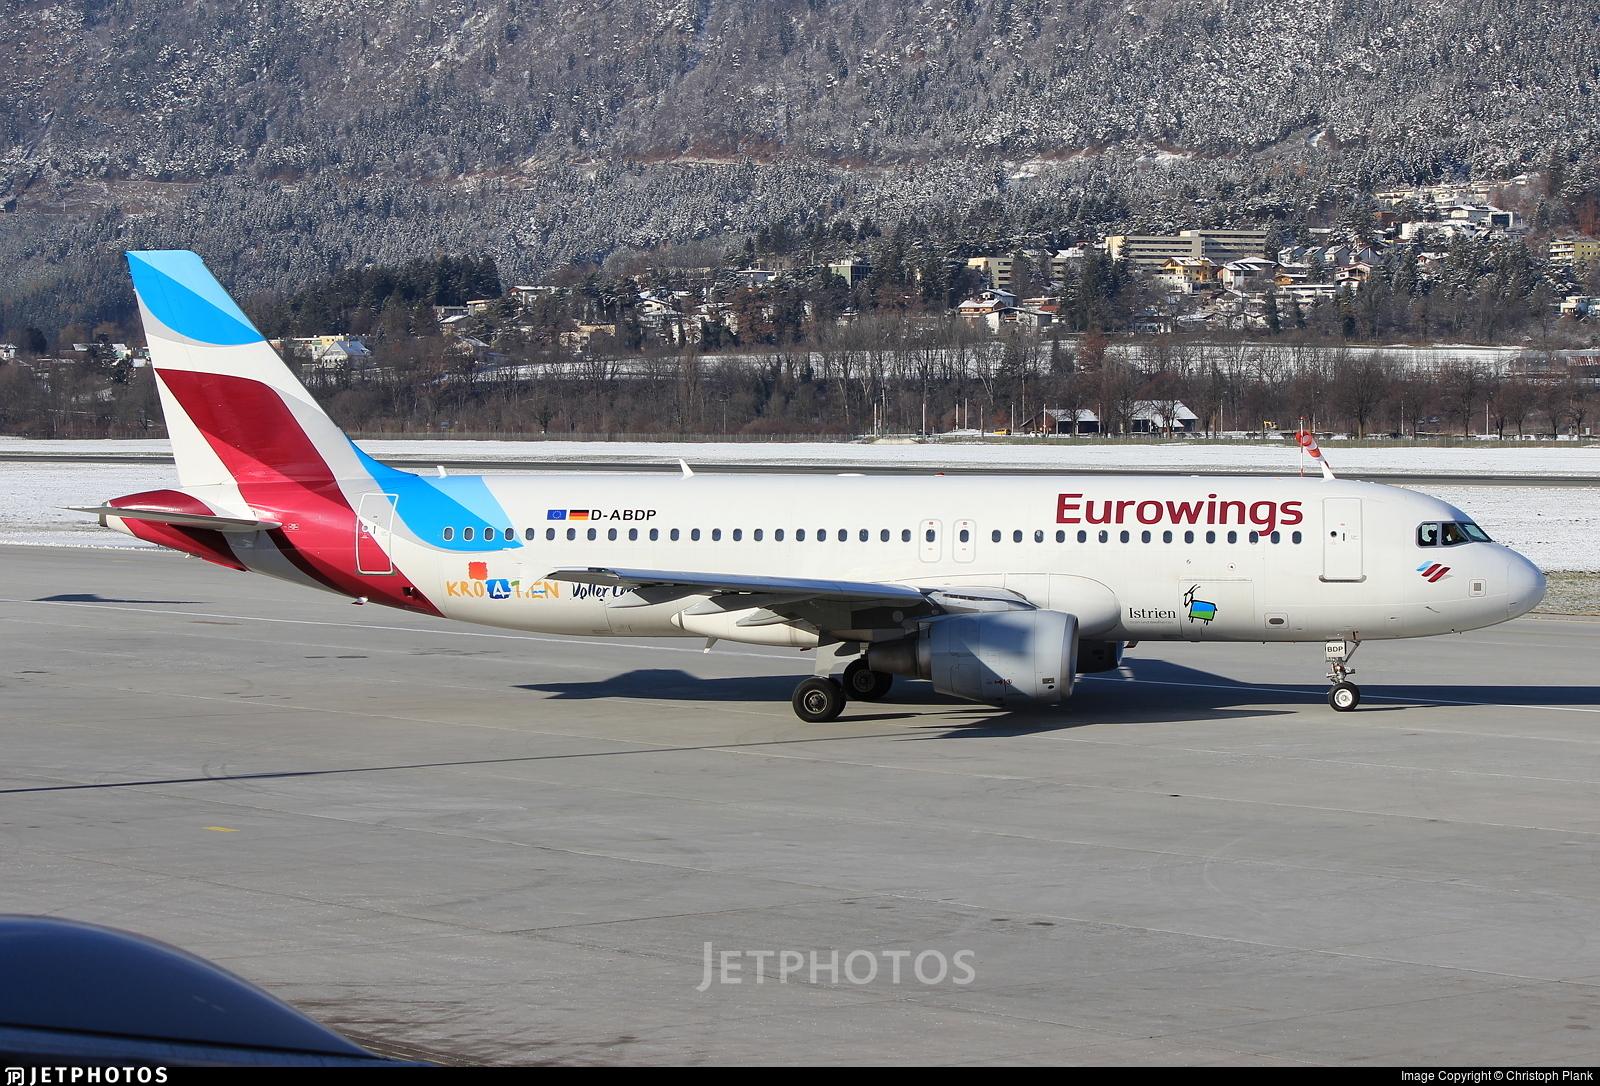 D-ABDP - Airbus A320-214 - Eurowings (Air Berlin)